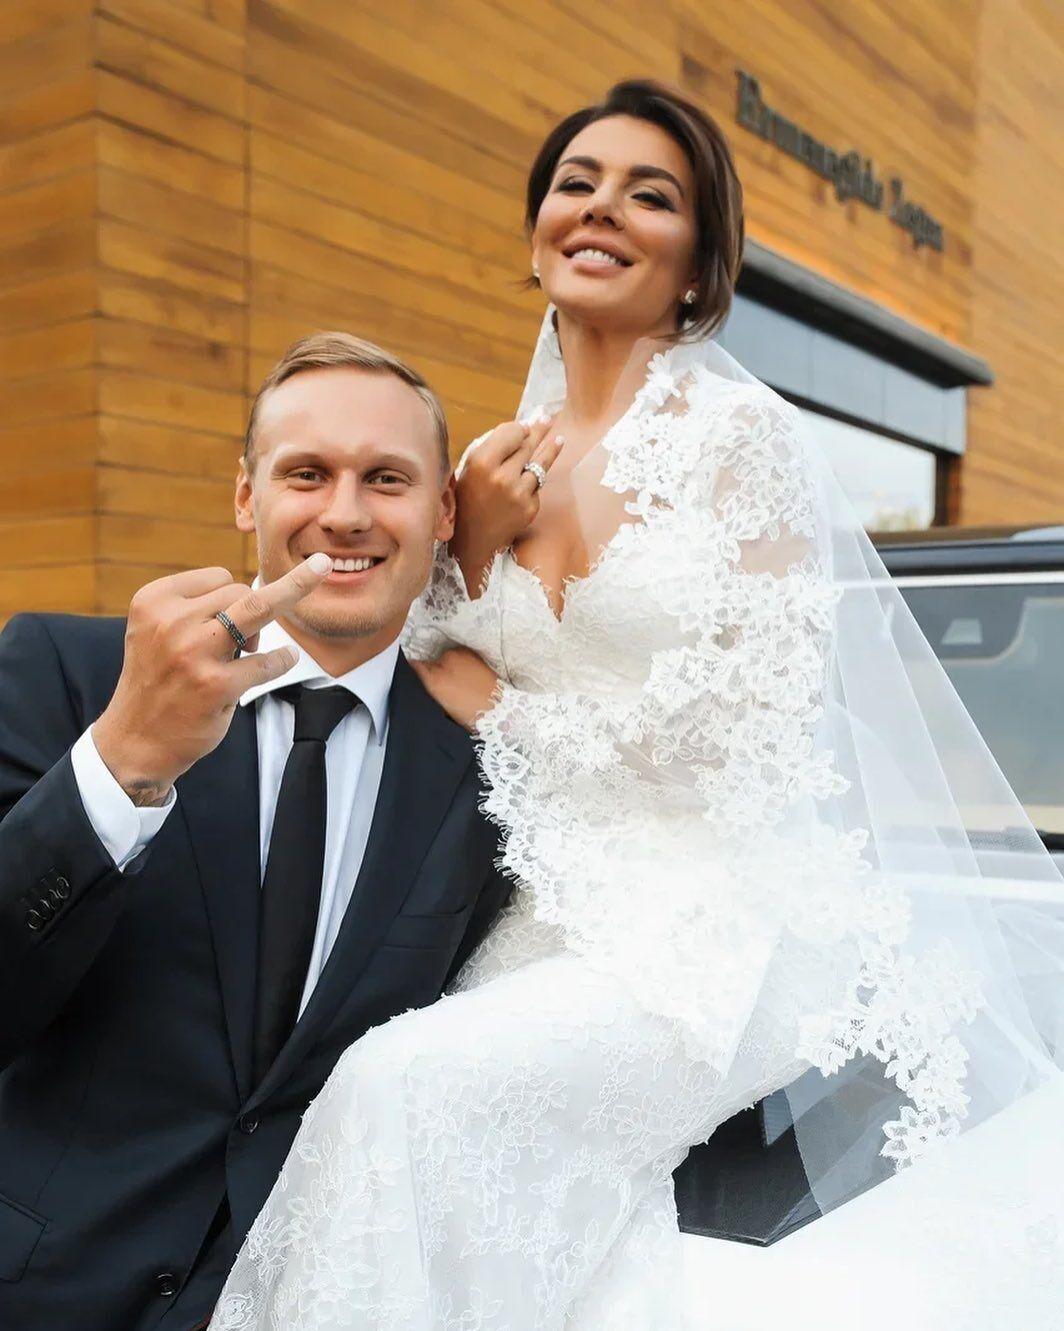 Анна Седокова і Яніс Тімма одружилися восени 2020 року